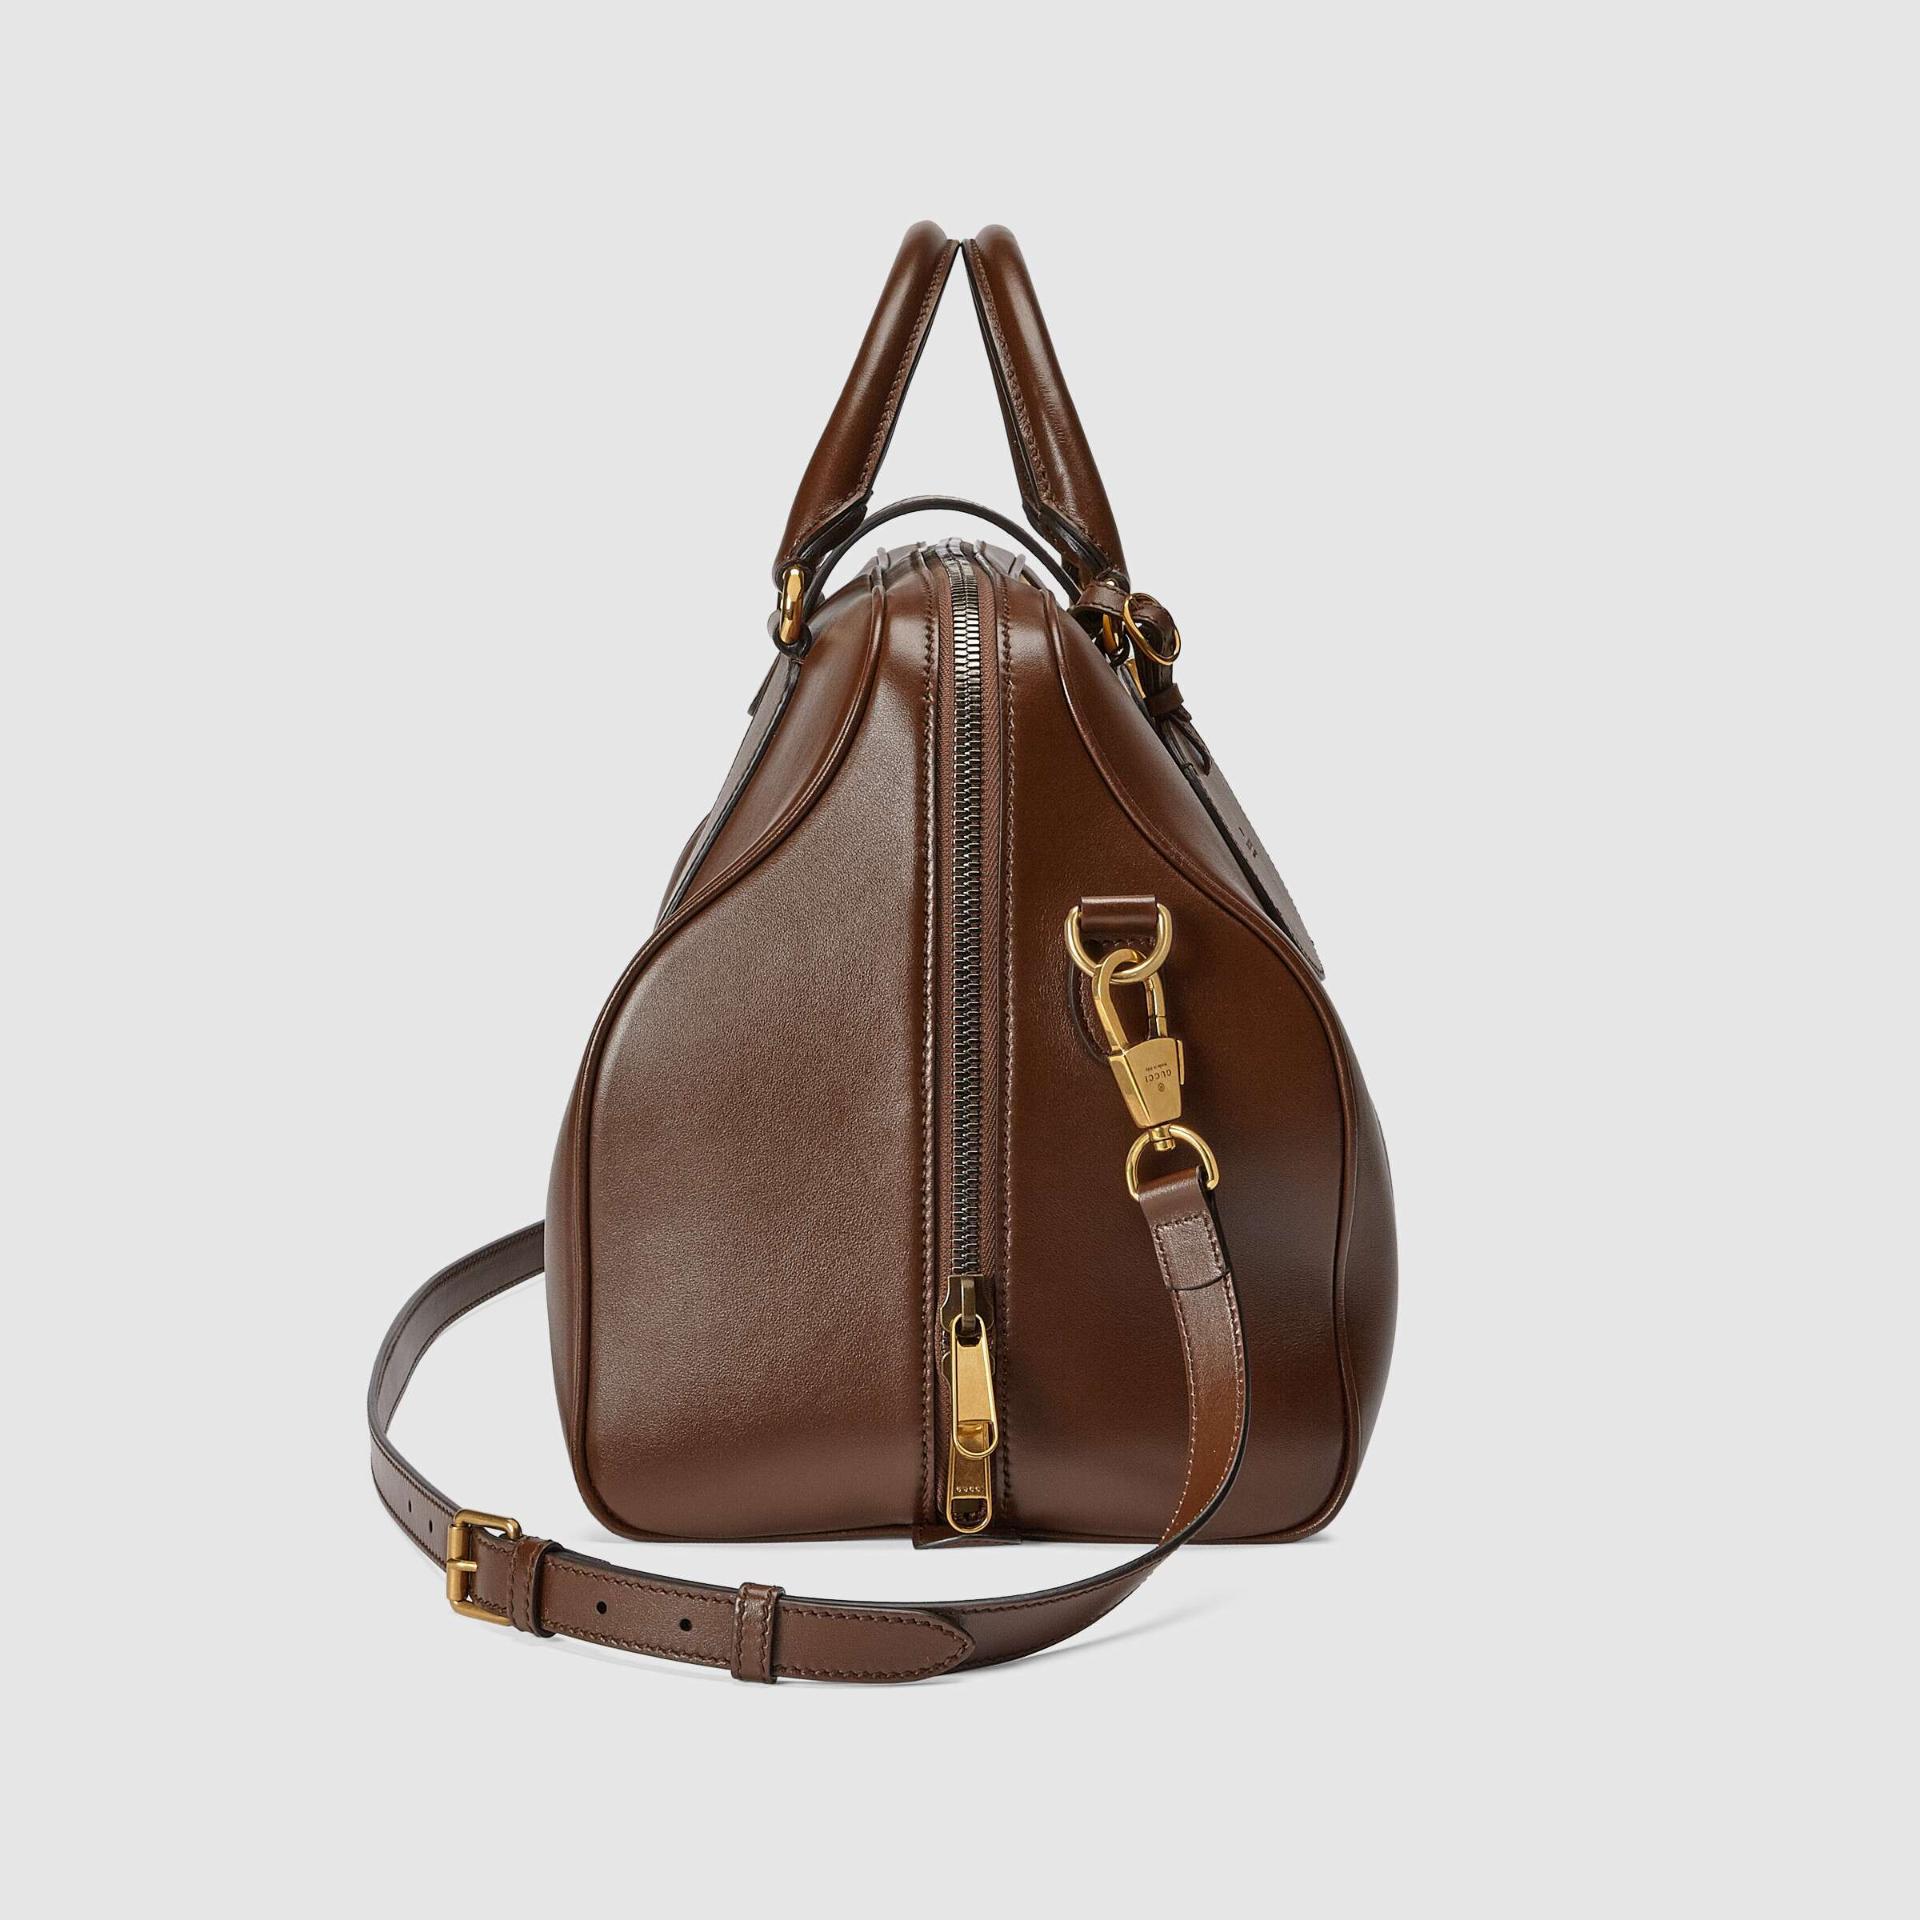 유럽직배송 구찌 GUCCI Gucci GG Marmont leather duffle bag 655615UB5FT9789